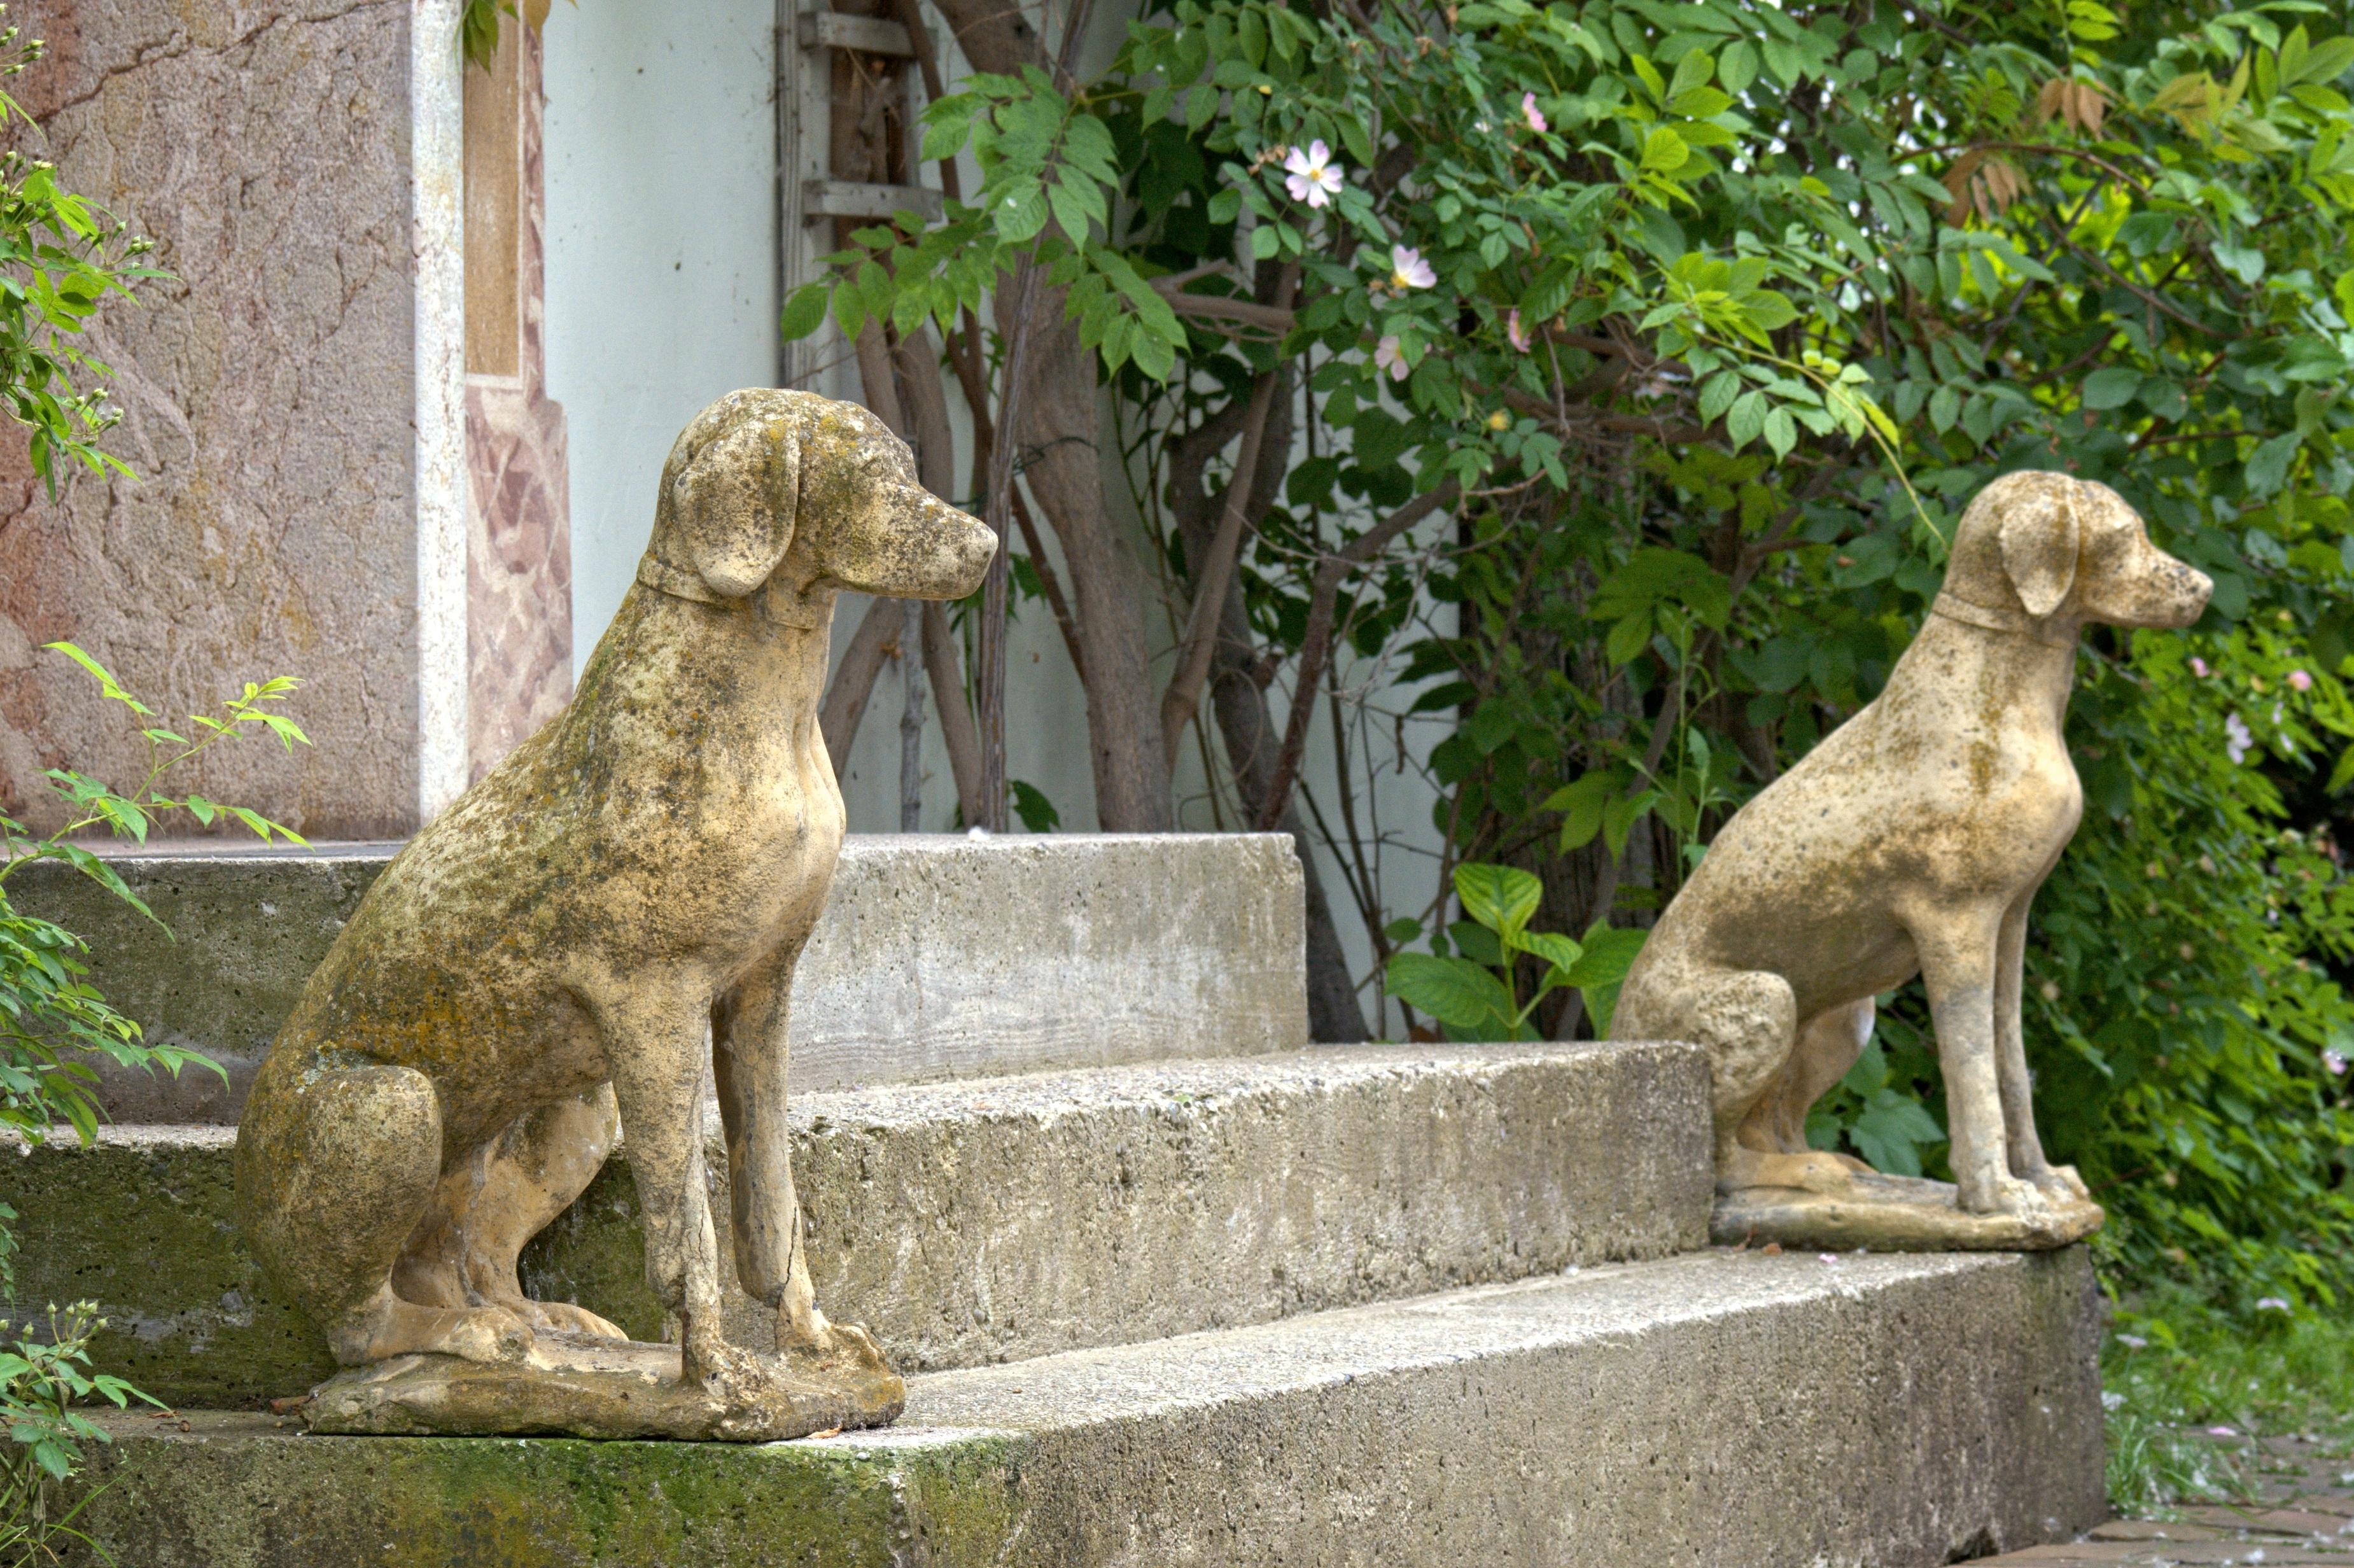 c70ad78d3bc60 maison chien zoo décoration mammifère jardin faune figue Déco sculpture  escaliers gardien contribution Entrée maison Escalier